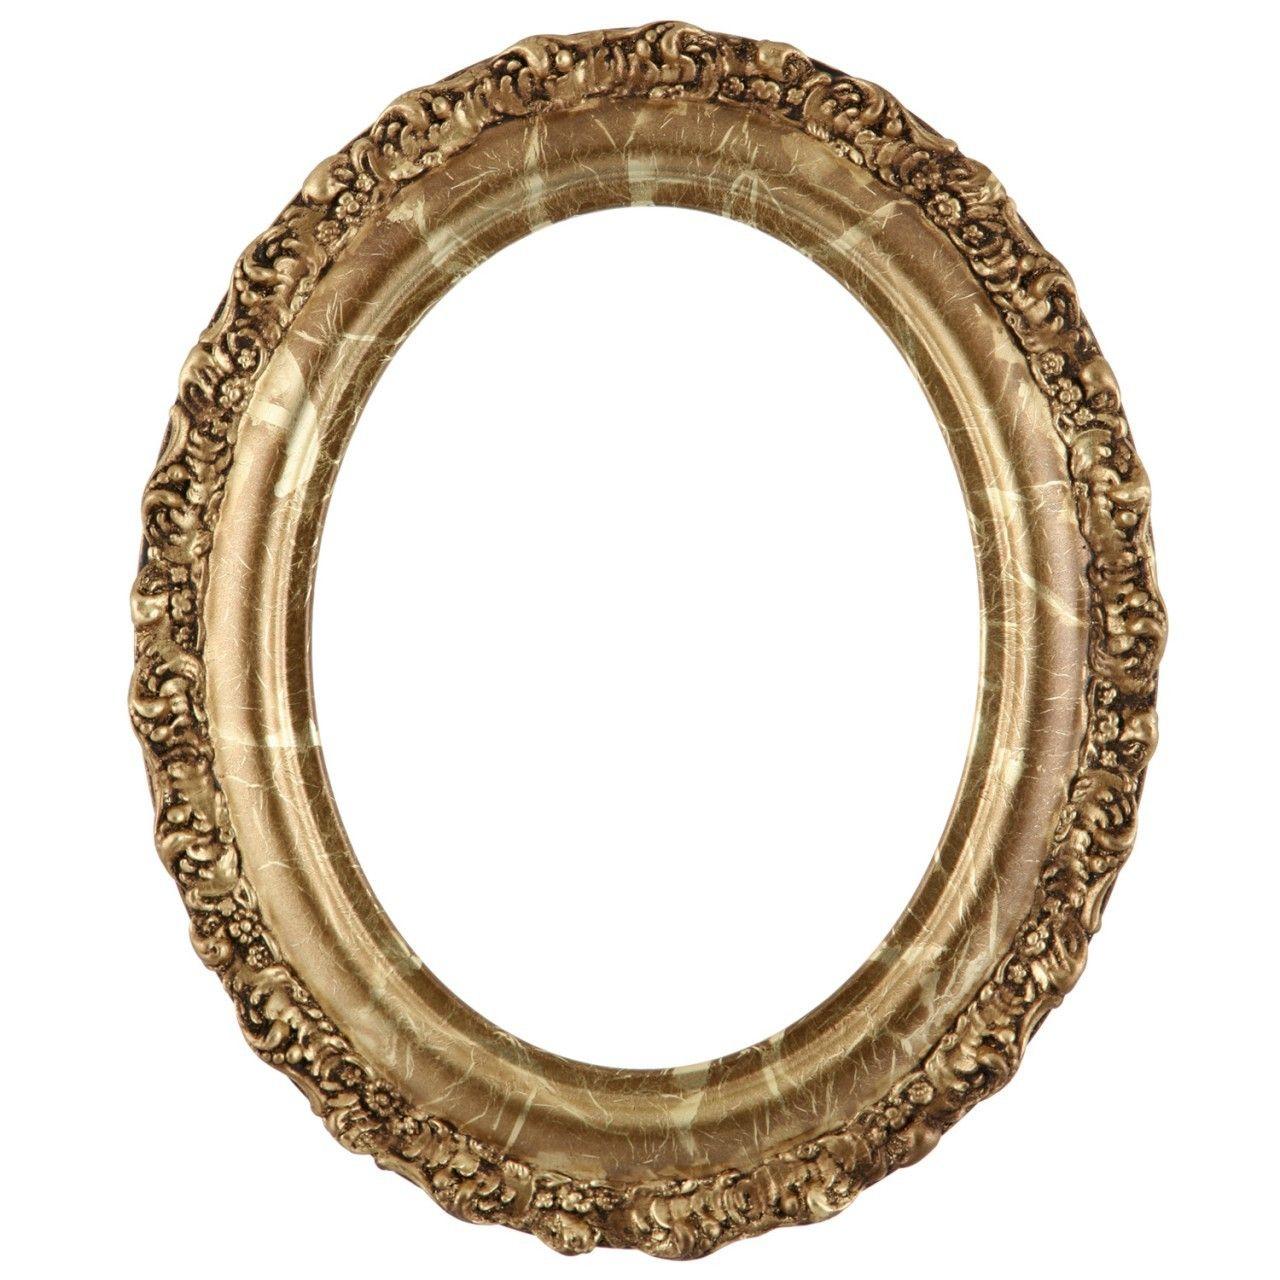 venice oval frame 454 champagne gold | MOJE | Pinterest | Oval frame ...